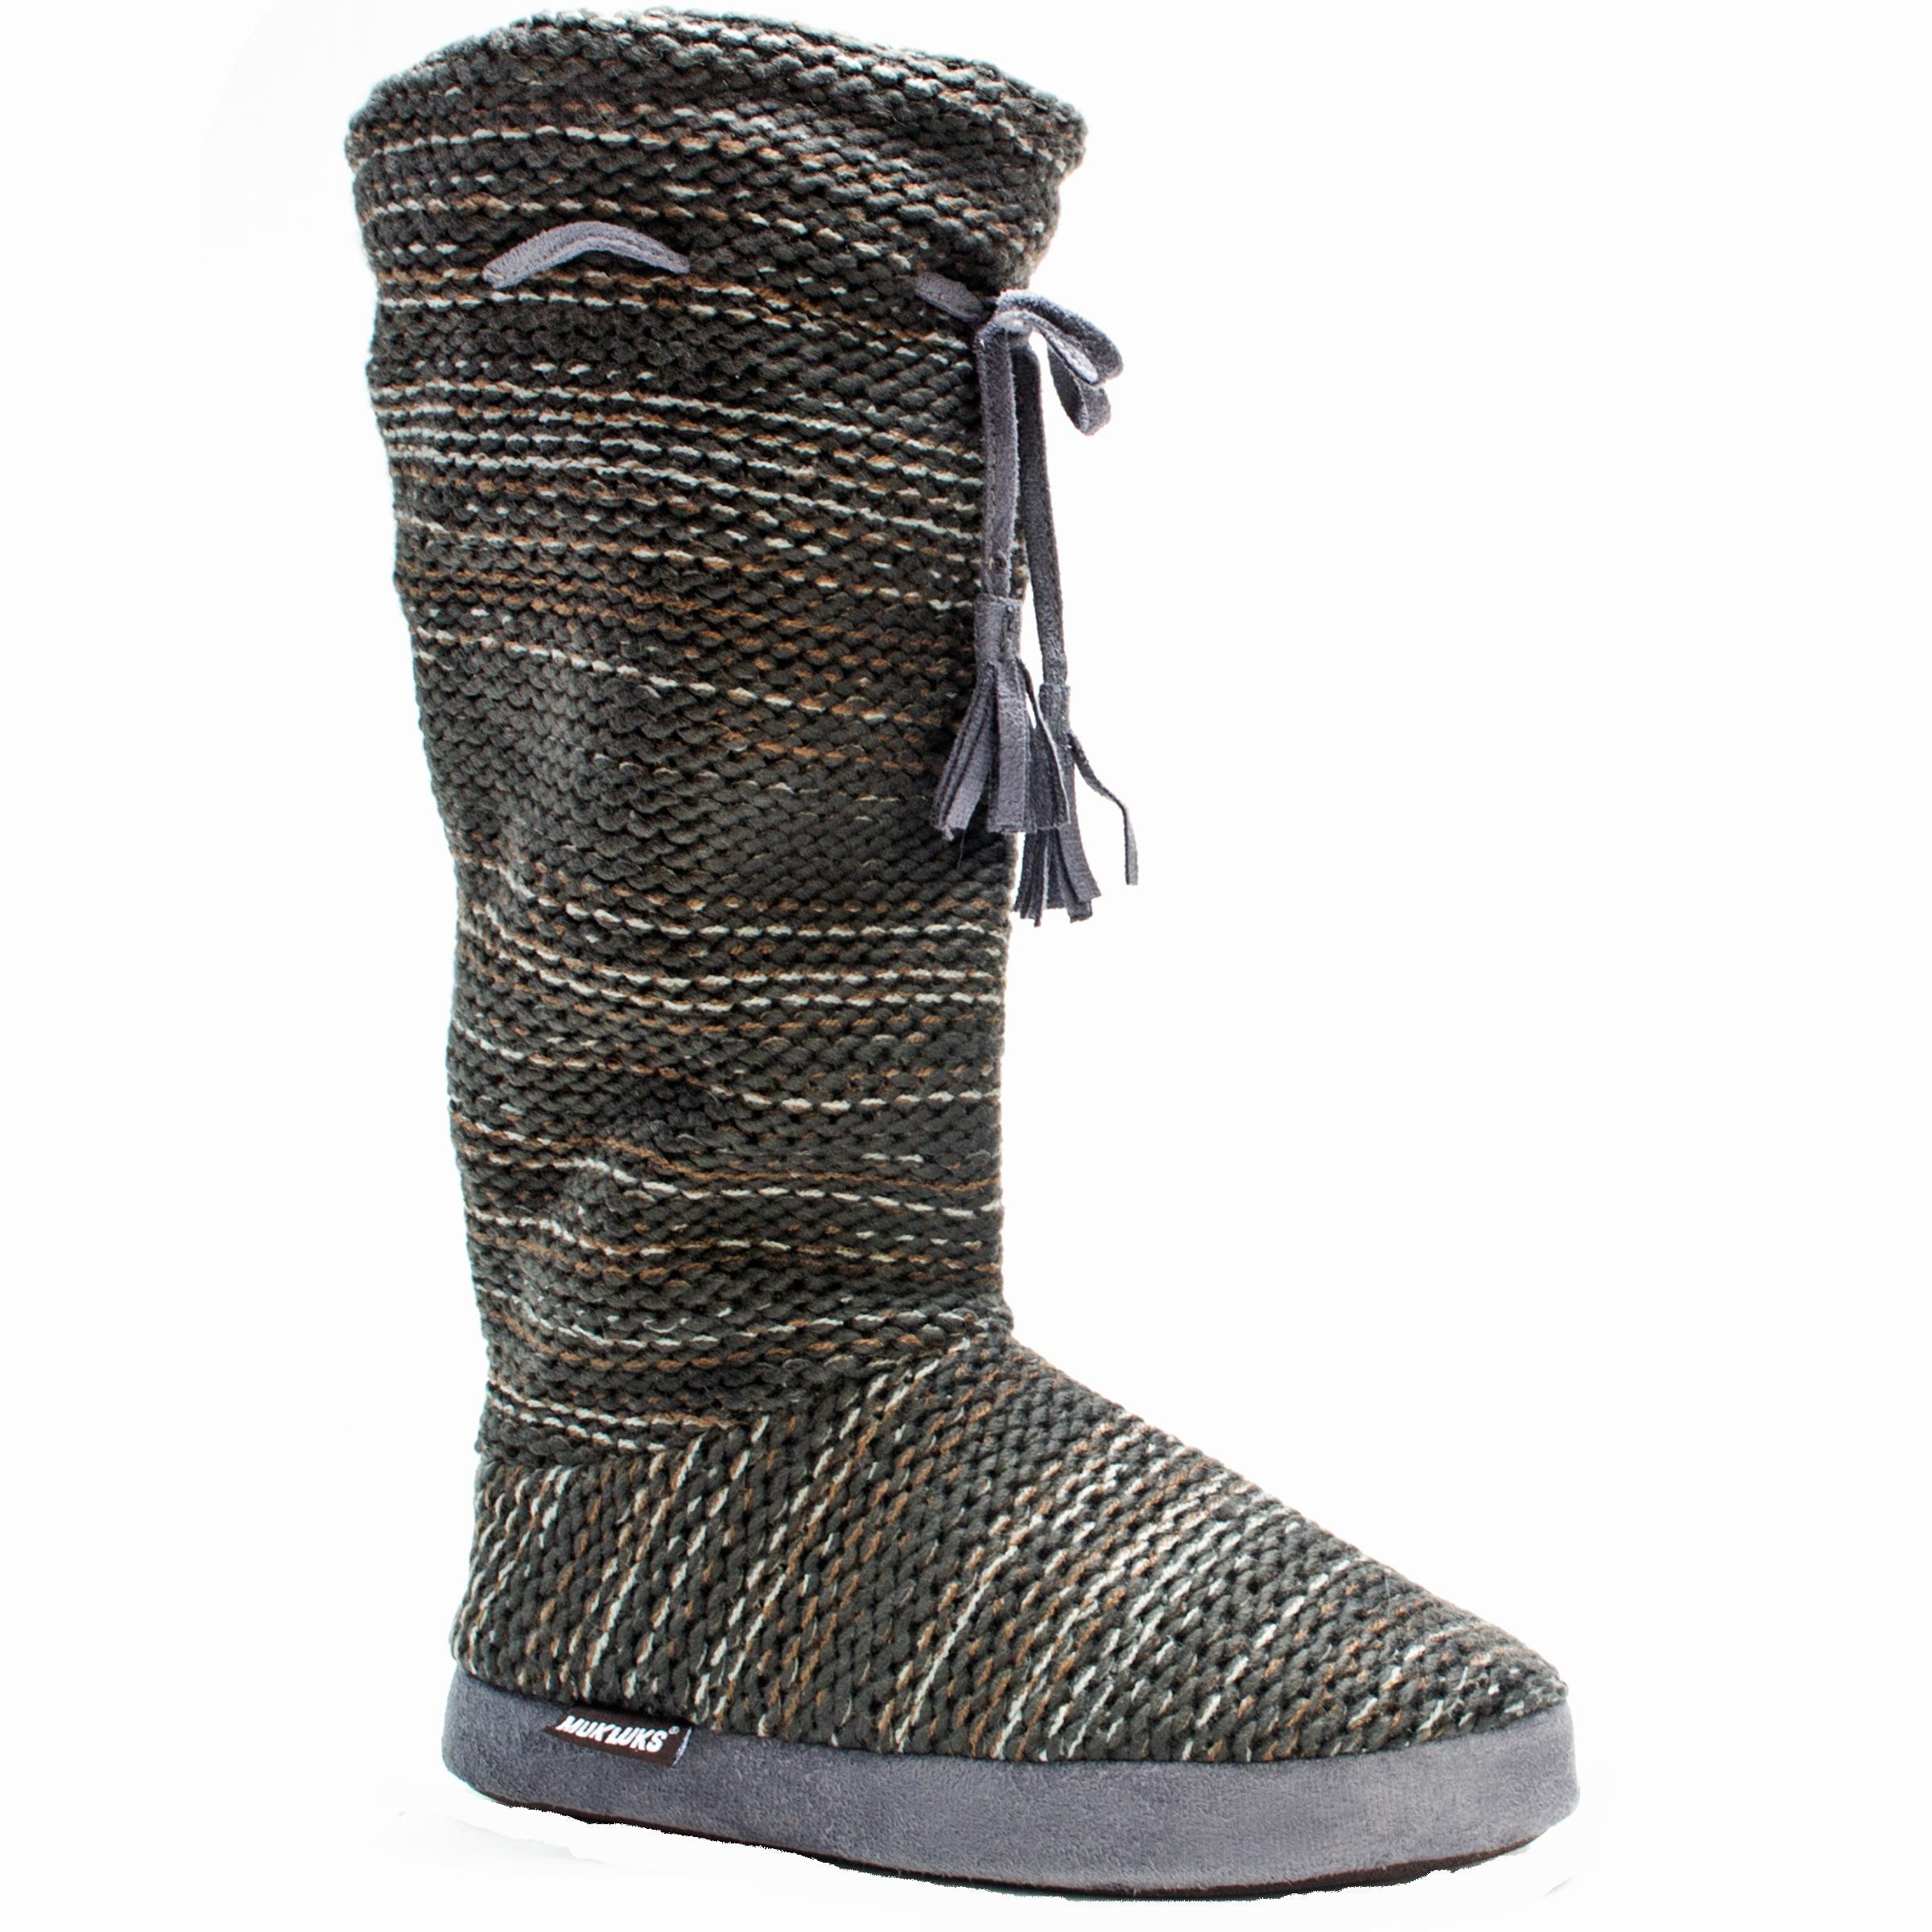 Muk Luks Grommet Women's Slipper Knit Sweater Boots Sherpa